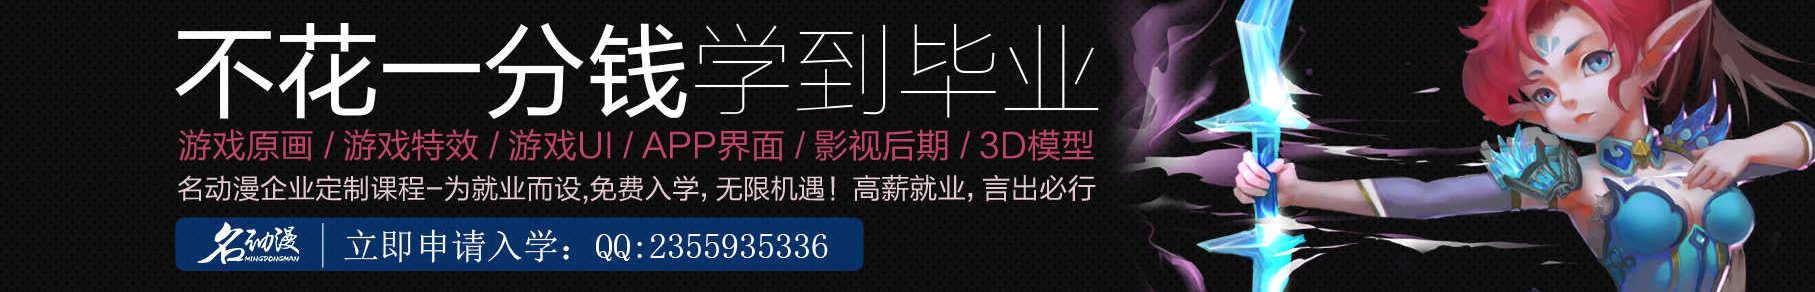 用户_291968 banner